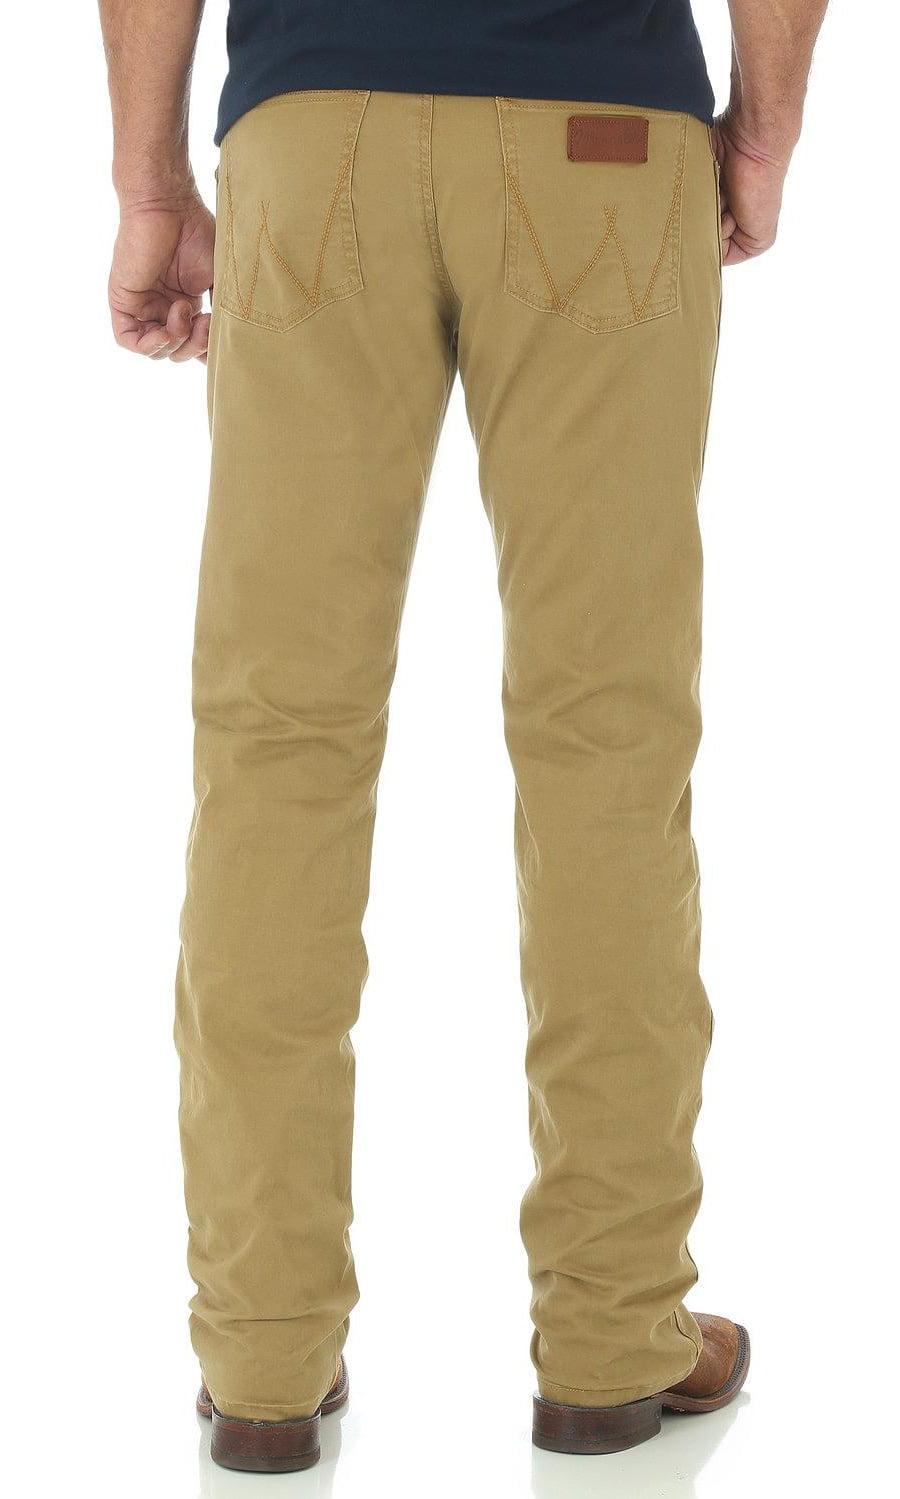 Wrangler - Wrangler Men's Retro Slim Fit Straight Leg Khaki Jeans